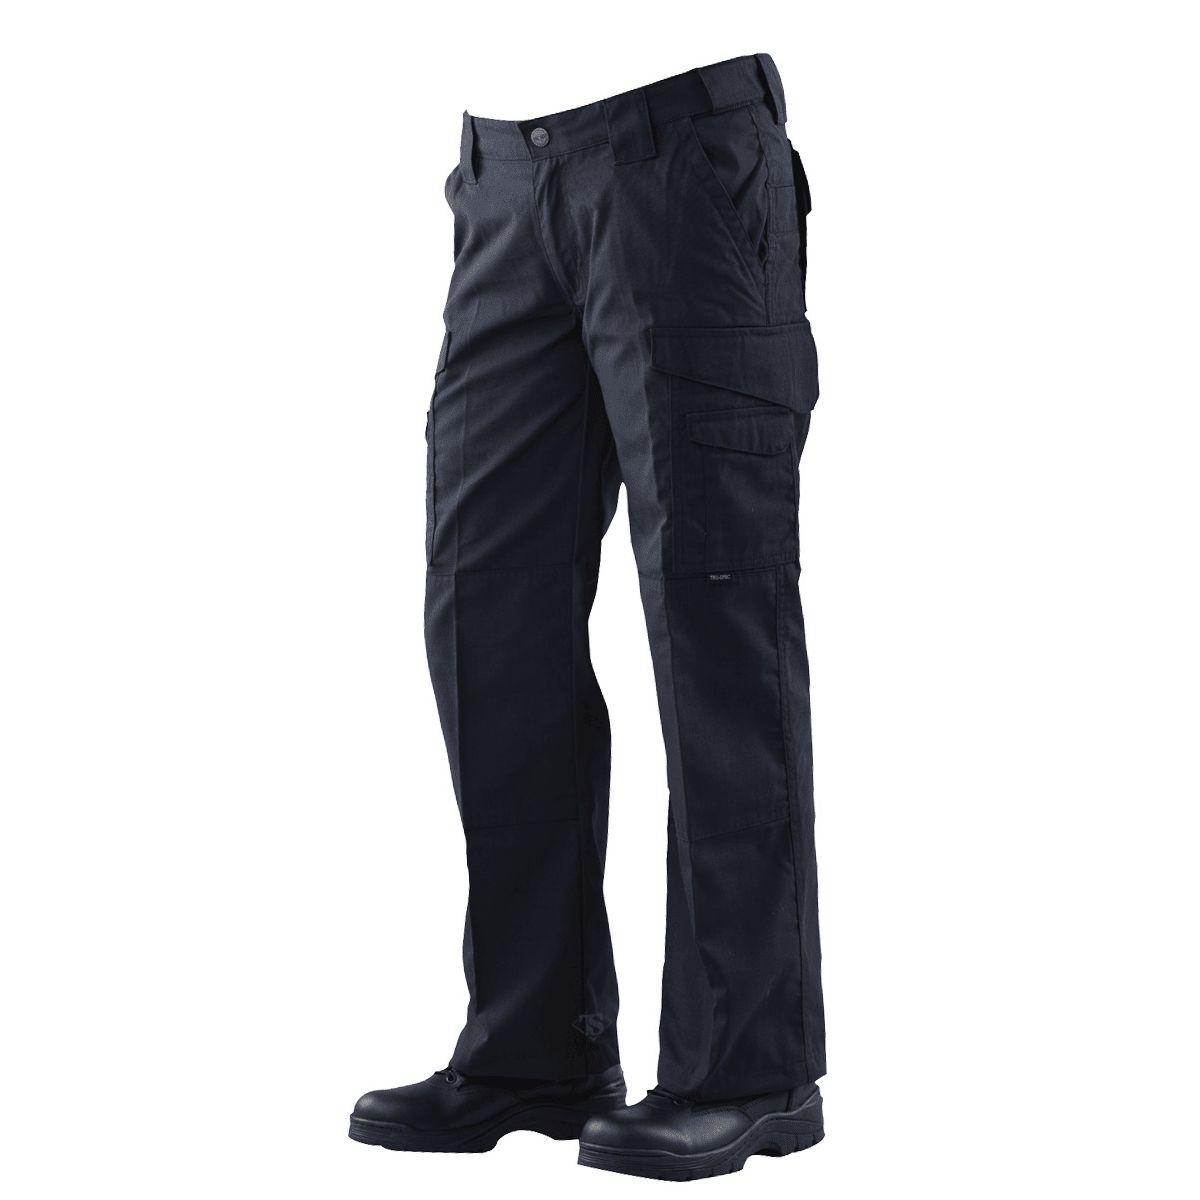 Kalhoty dámské 24-7 TACTICAL rip-stop MODRÉ - zvìtšit obrázek